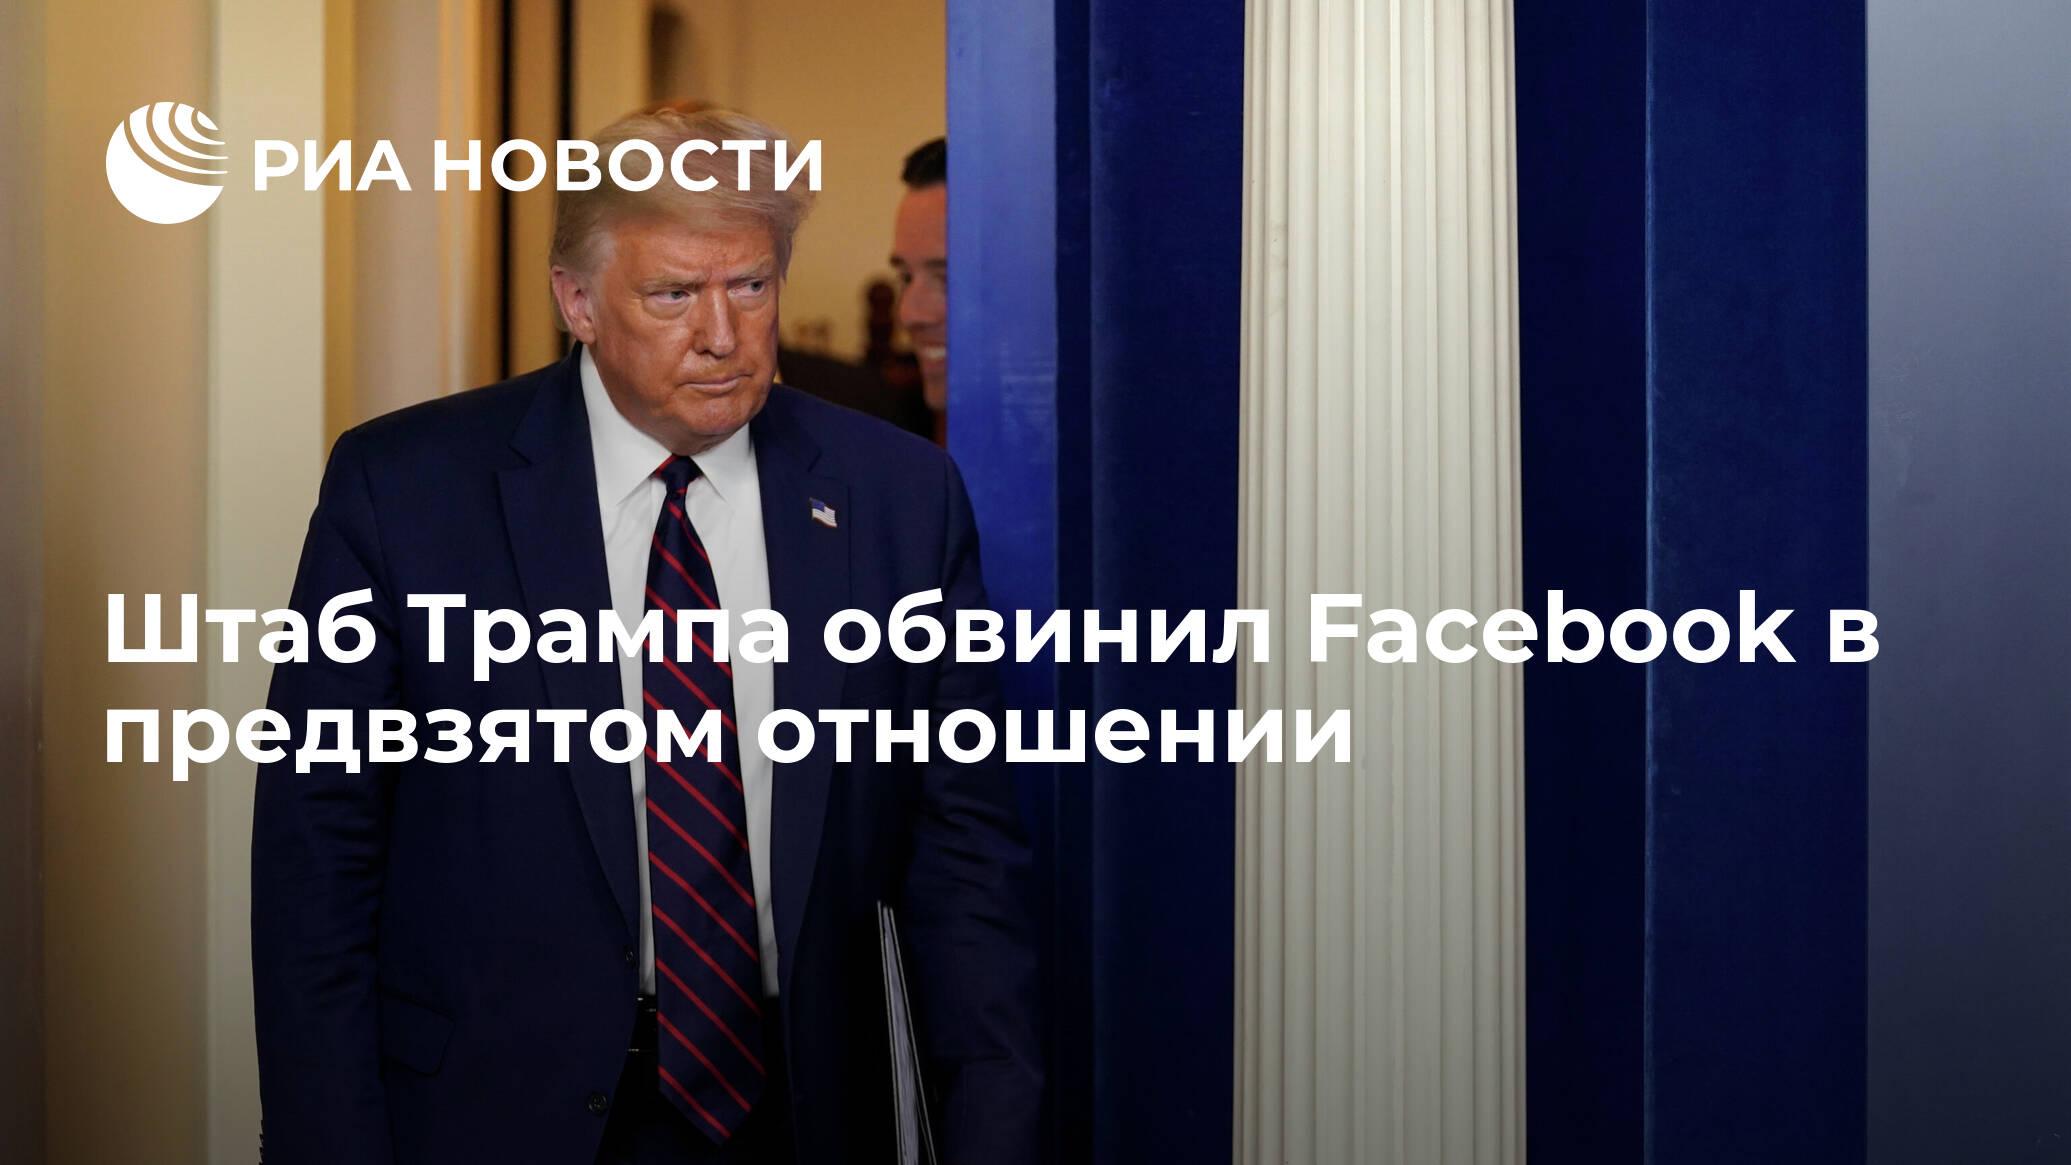 Штаб Трампа обвинил Facebook в предвзятом отношении